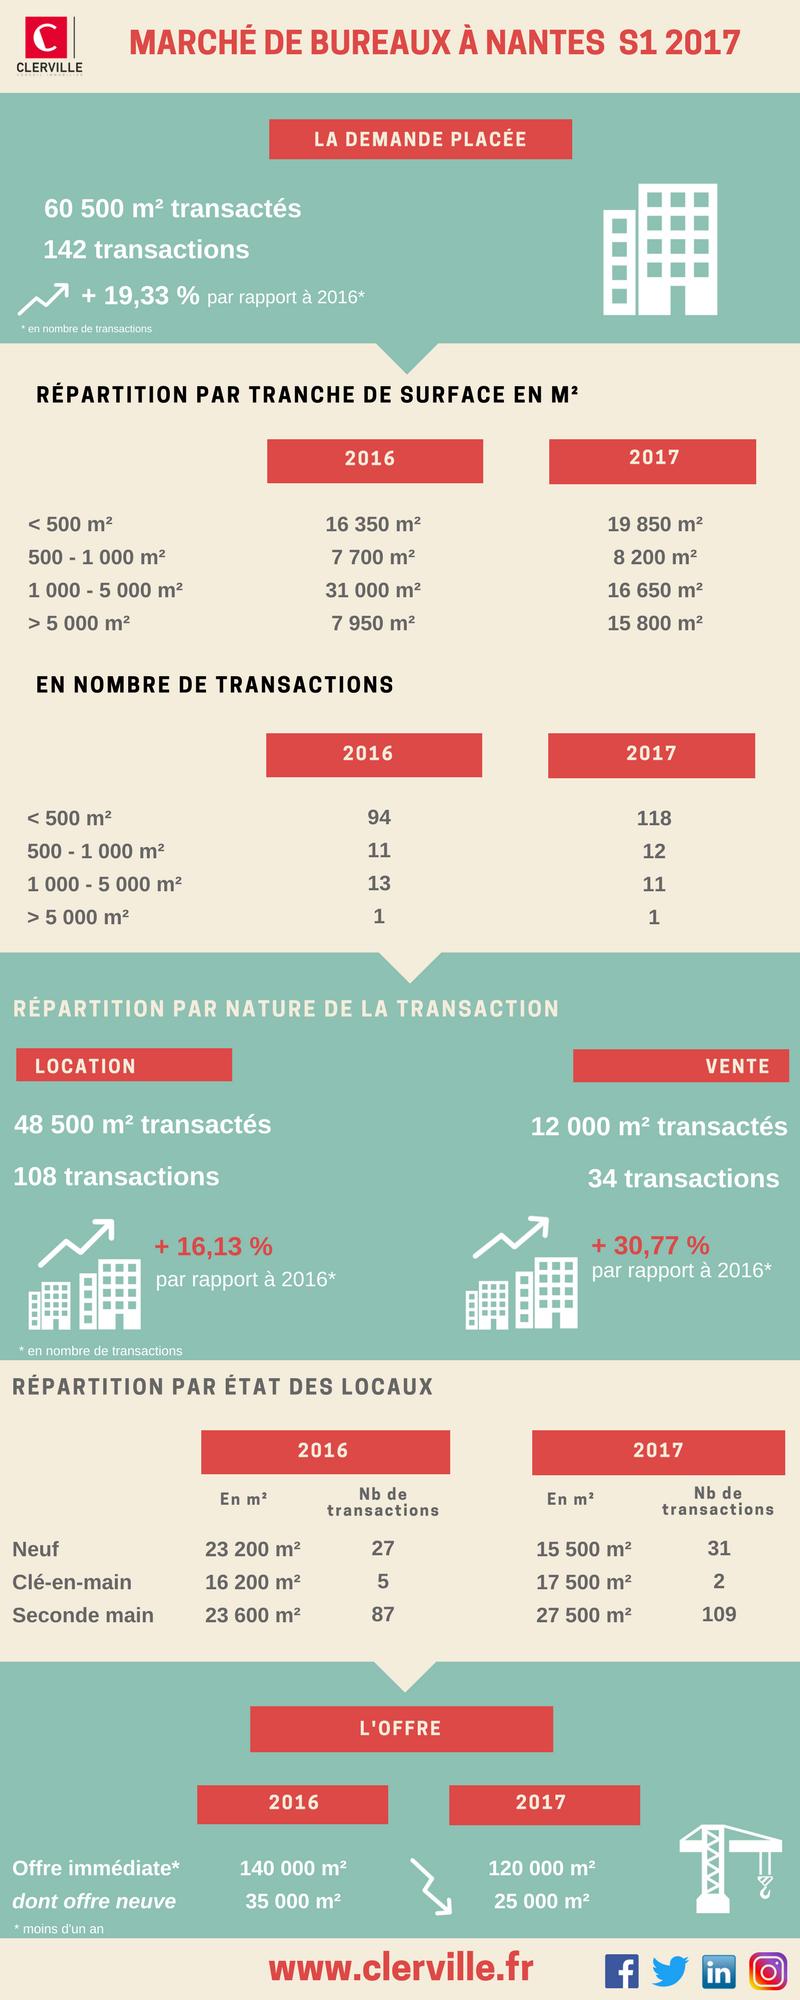 Clerville Infographie Les Chiffres De L Immobilier De Bureaux A